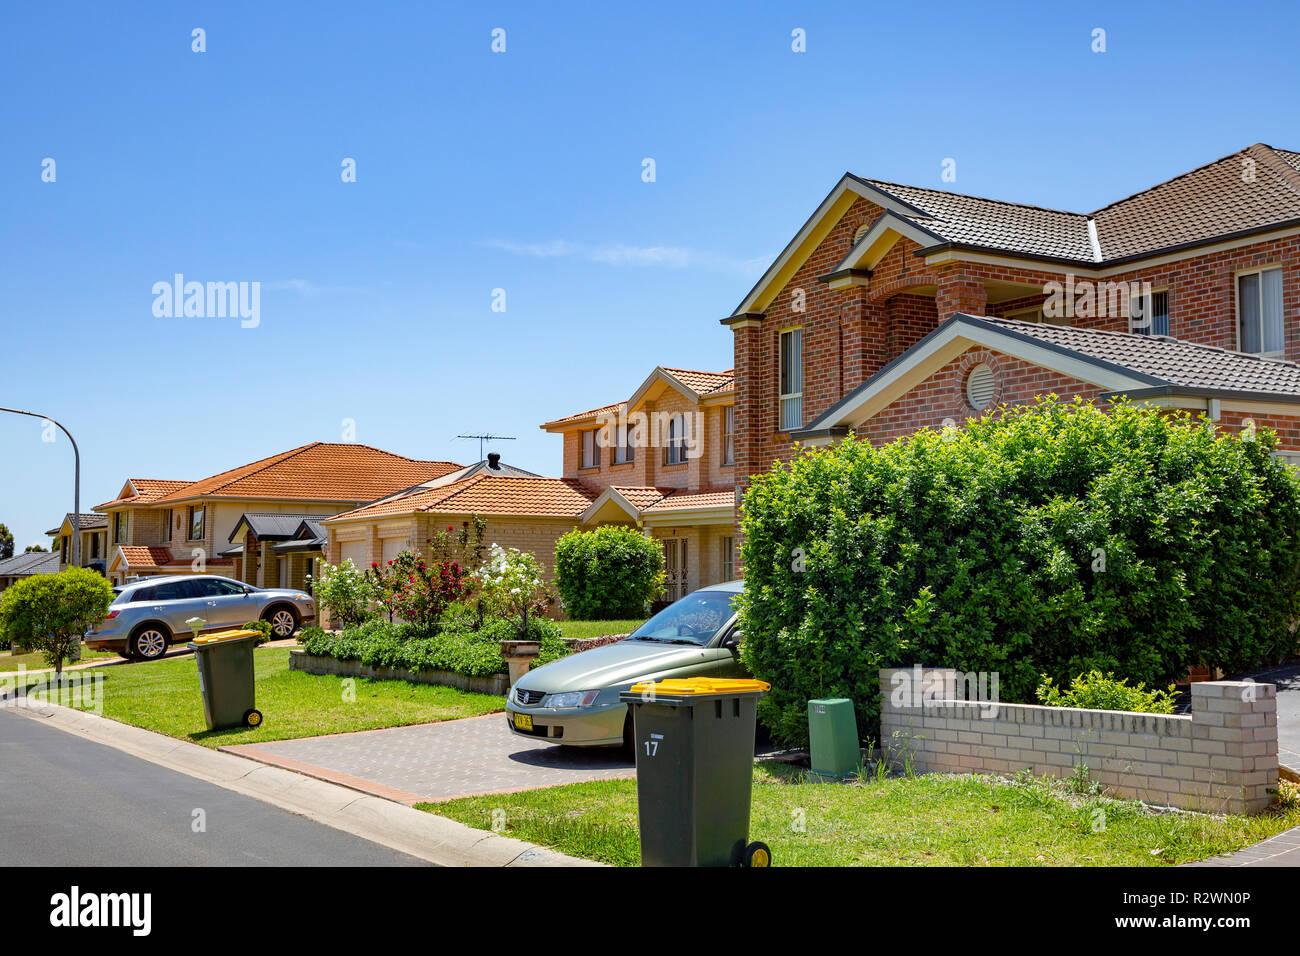 Case Tipiche Australiane : Strada di tipiche case australiano e giardini parklea sobborgo di